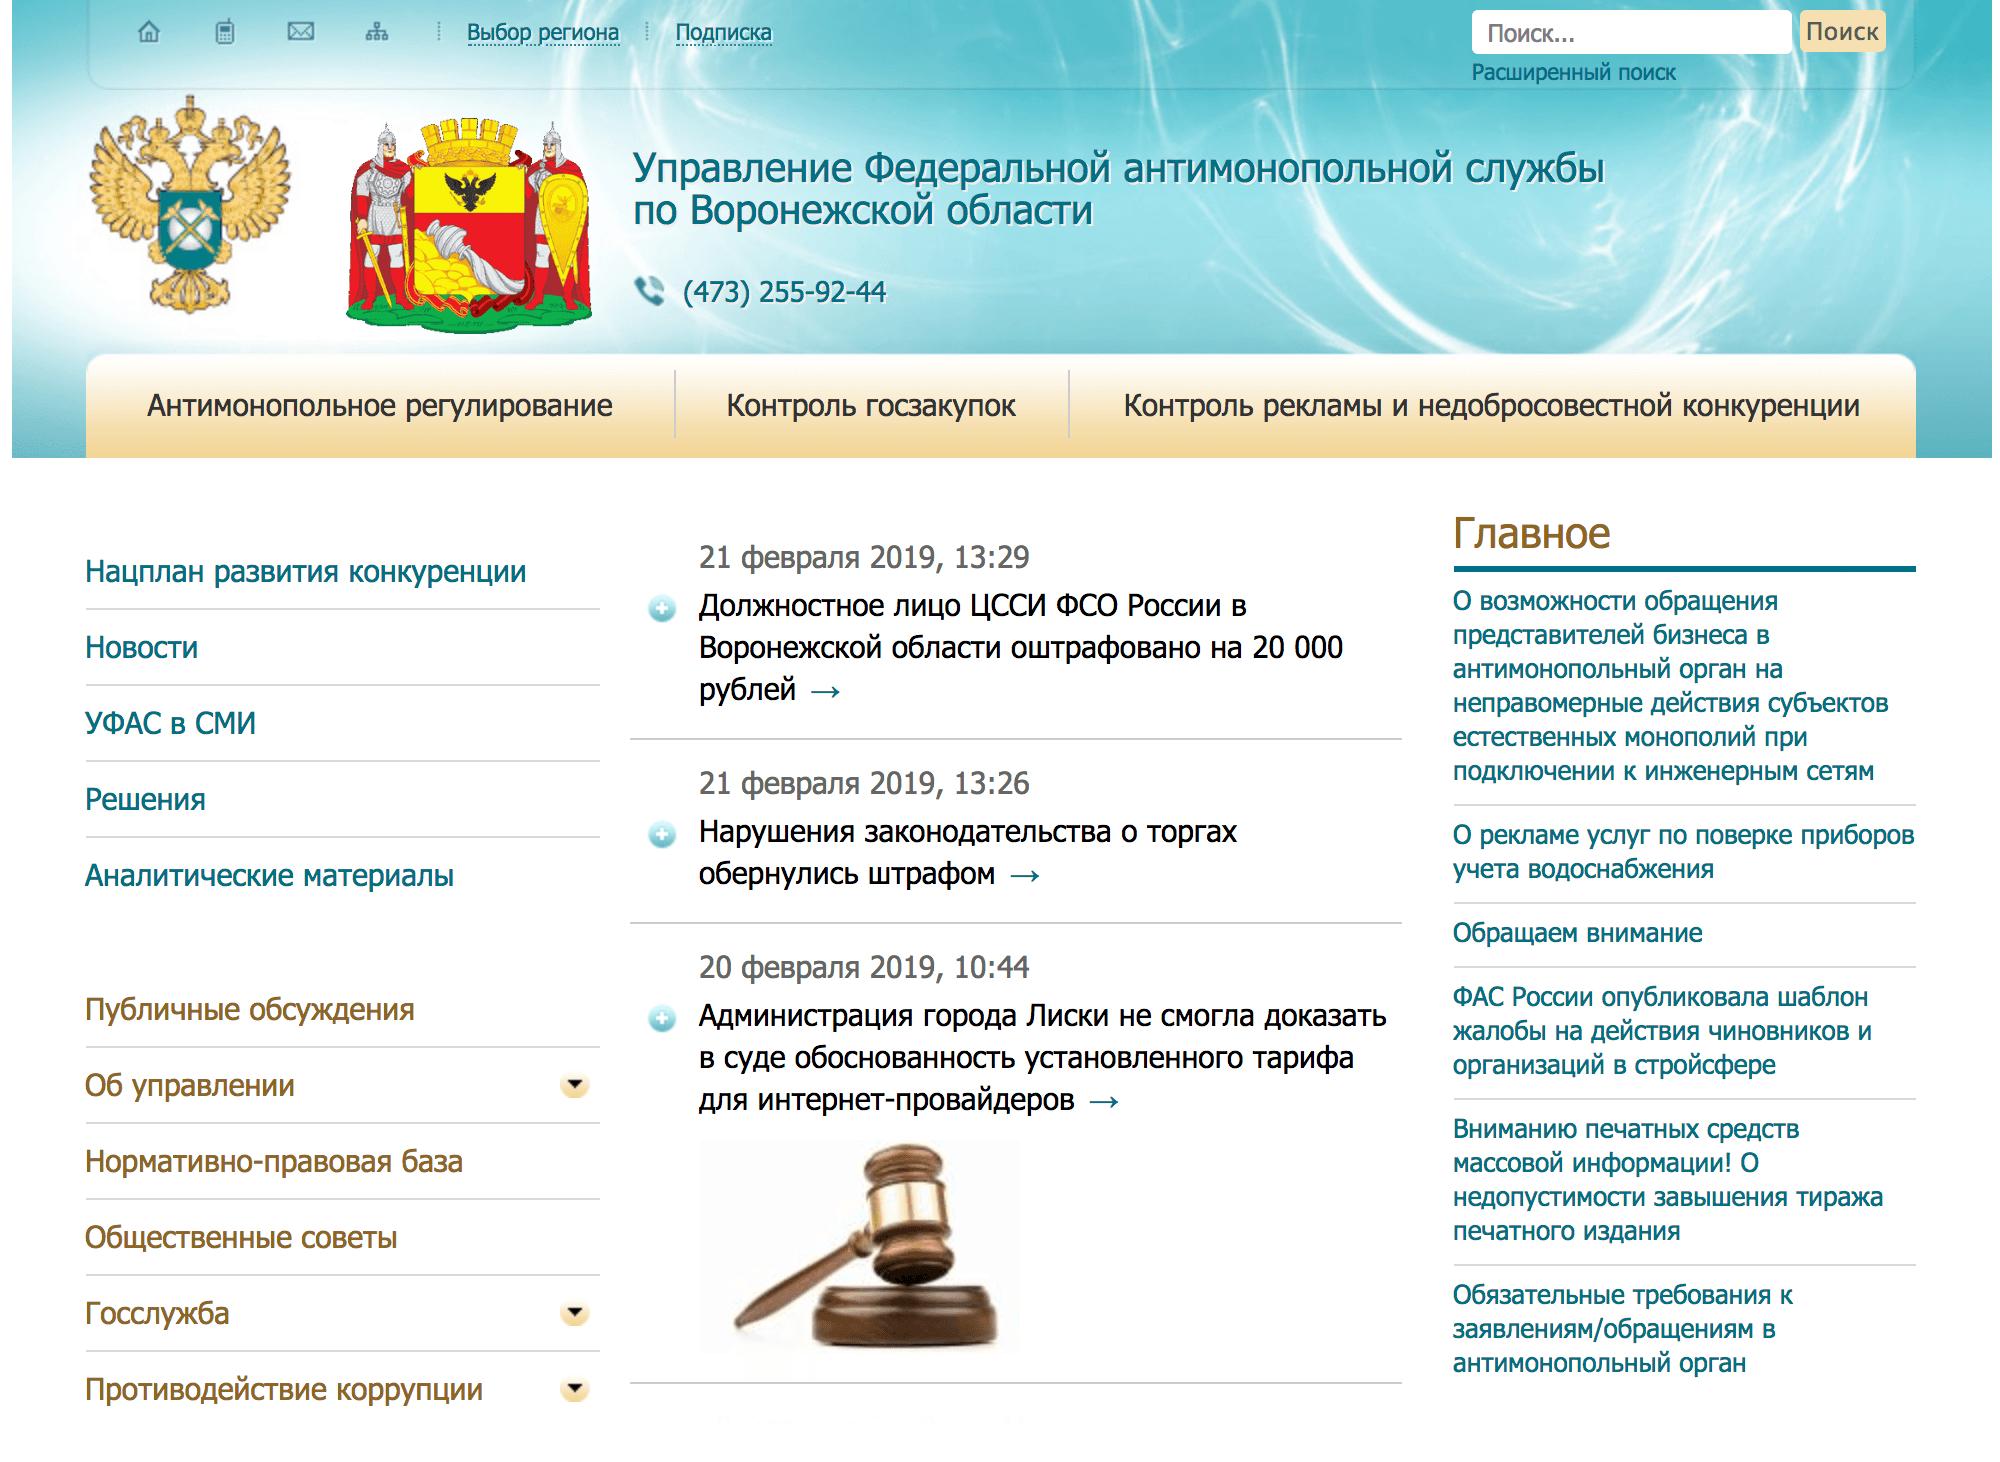 Сайт ФАС по Воронежской области. Написать жалобу можно прямо с сайта, в разделе обратной связи